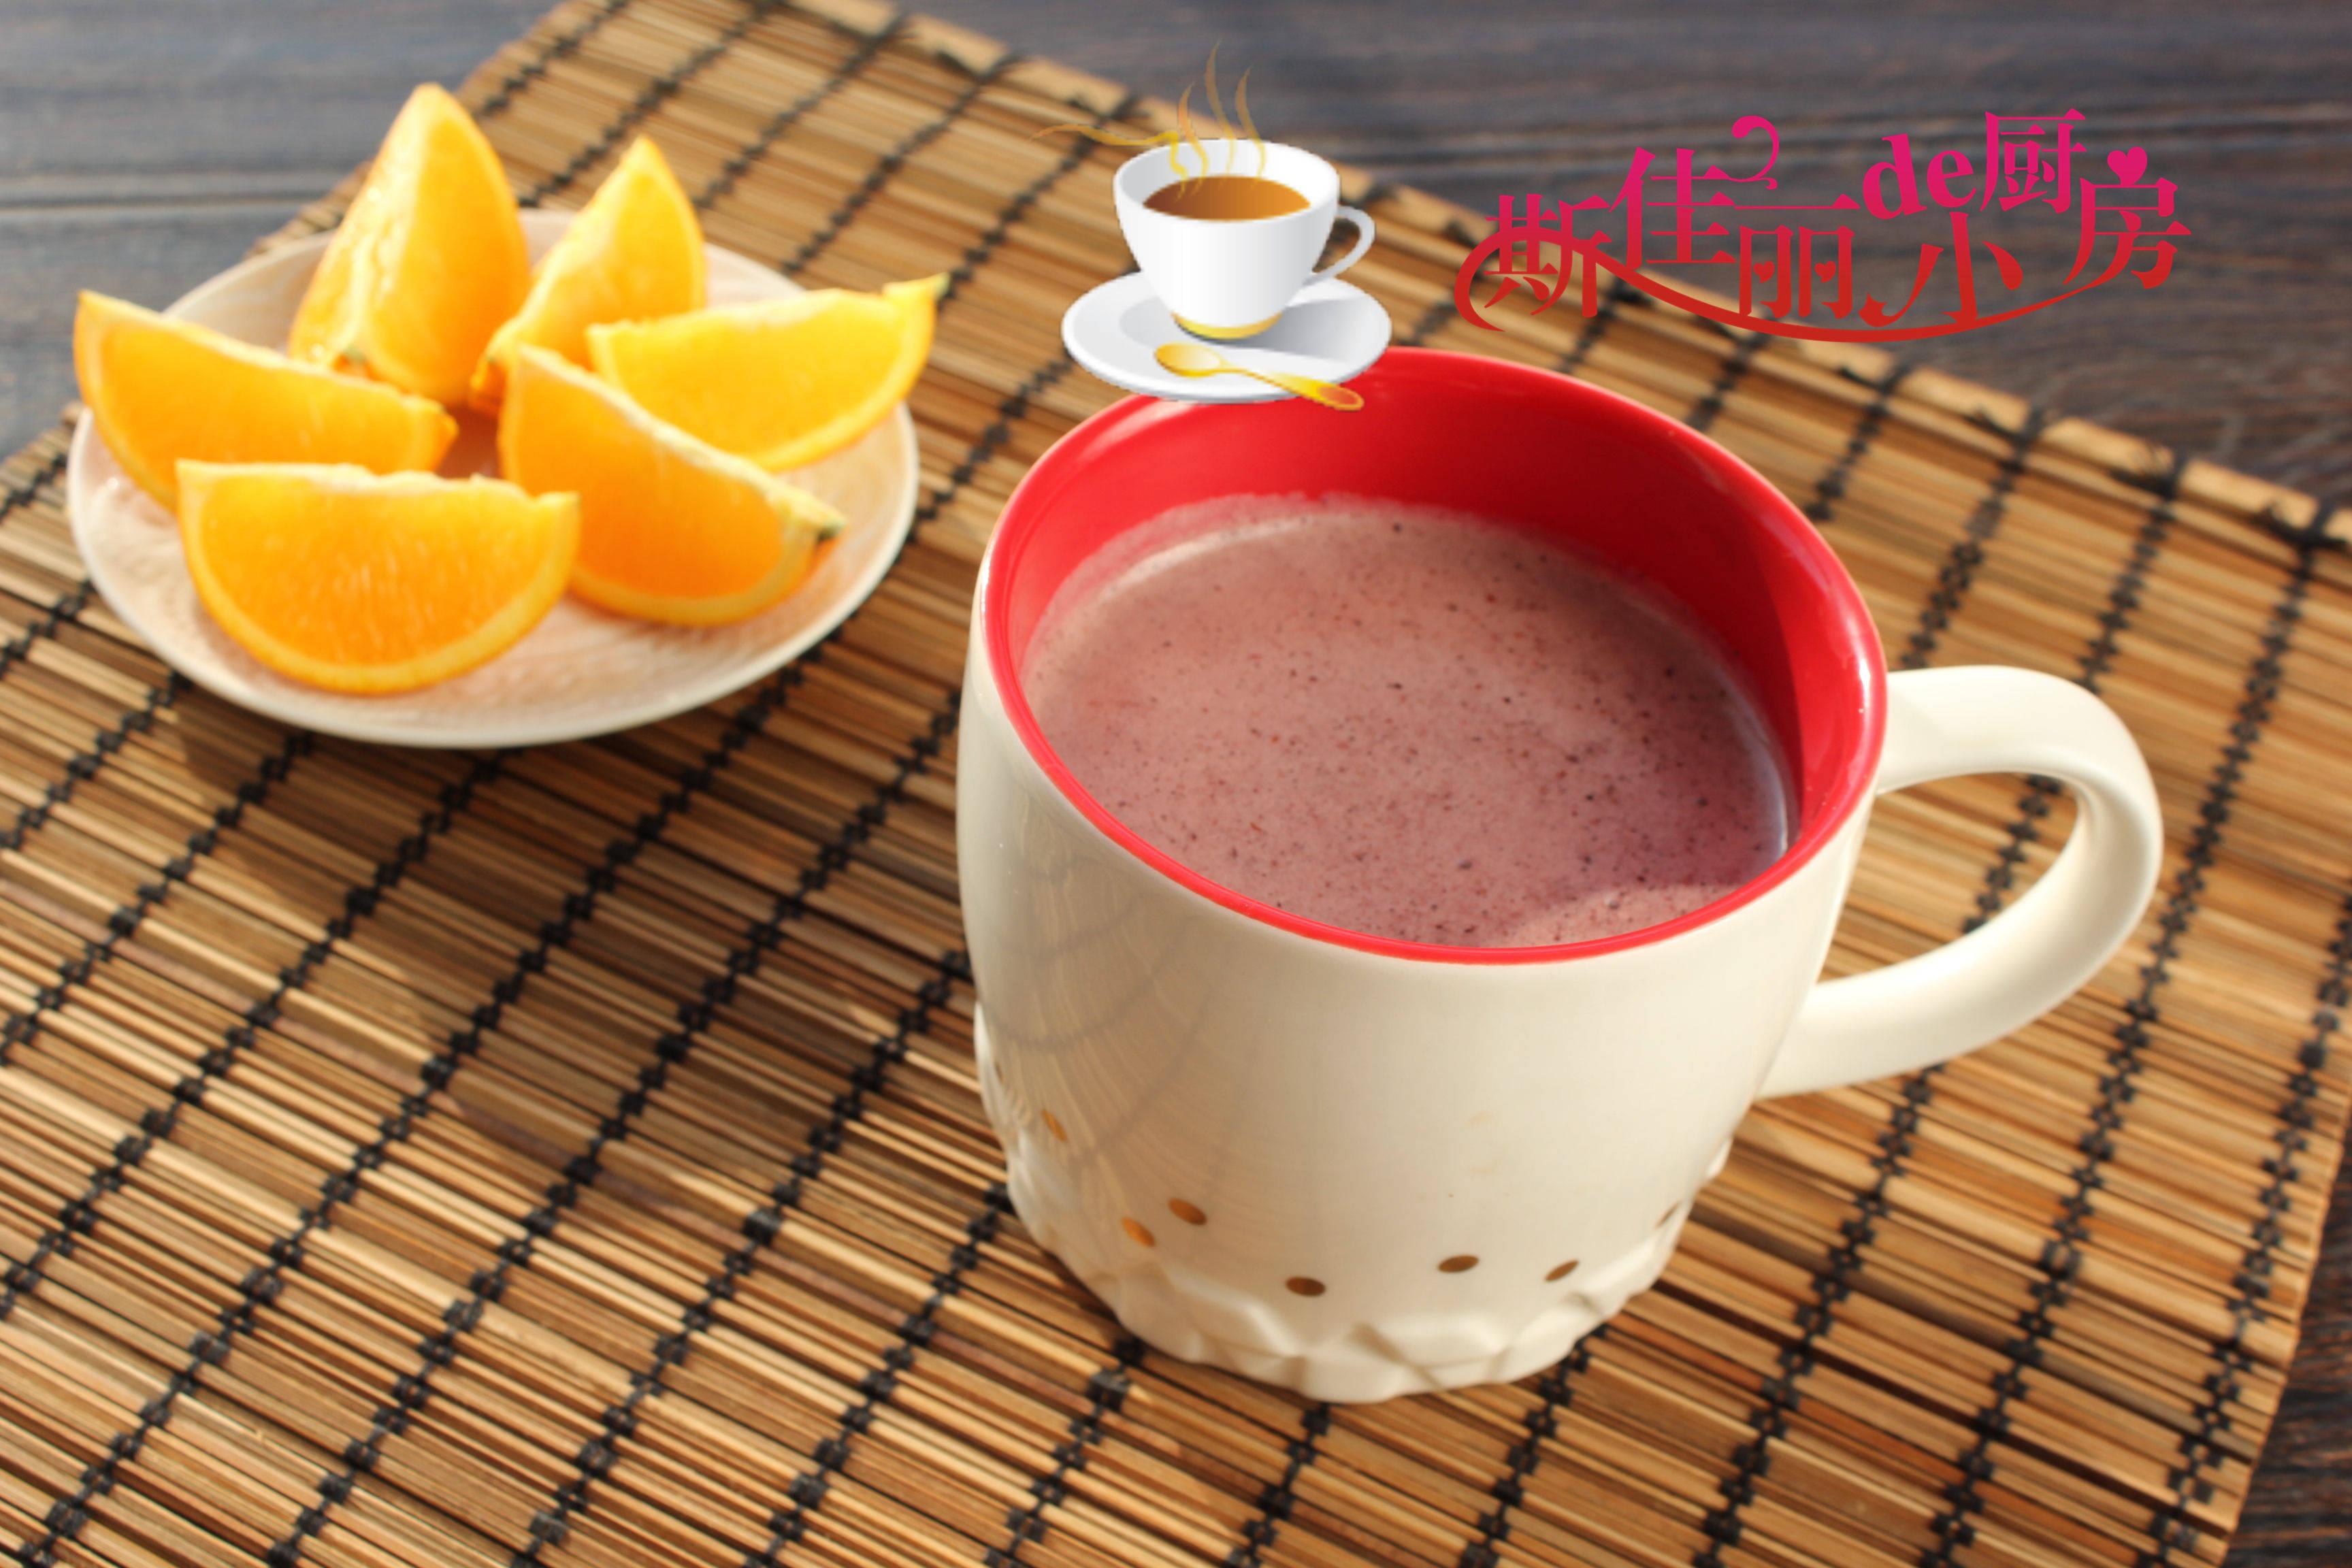 冬天早餐每天喝一杯它,香甜润燥又养人,2块钱能做3杯比牛奶便宜